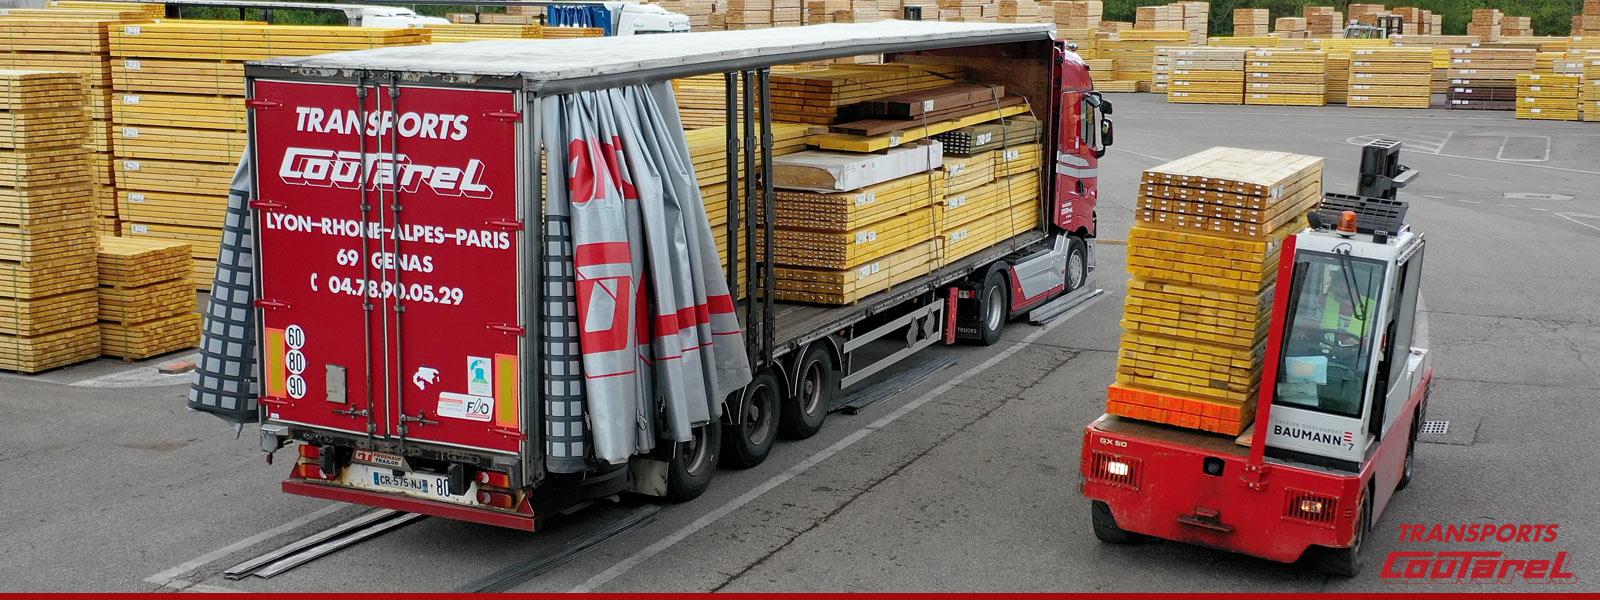 Transport de matériaux grande longueur en Auvergne Rhône-Alpes